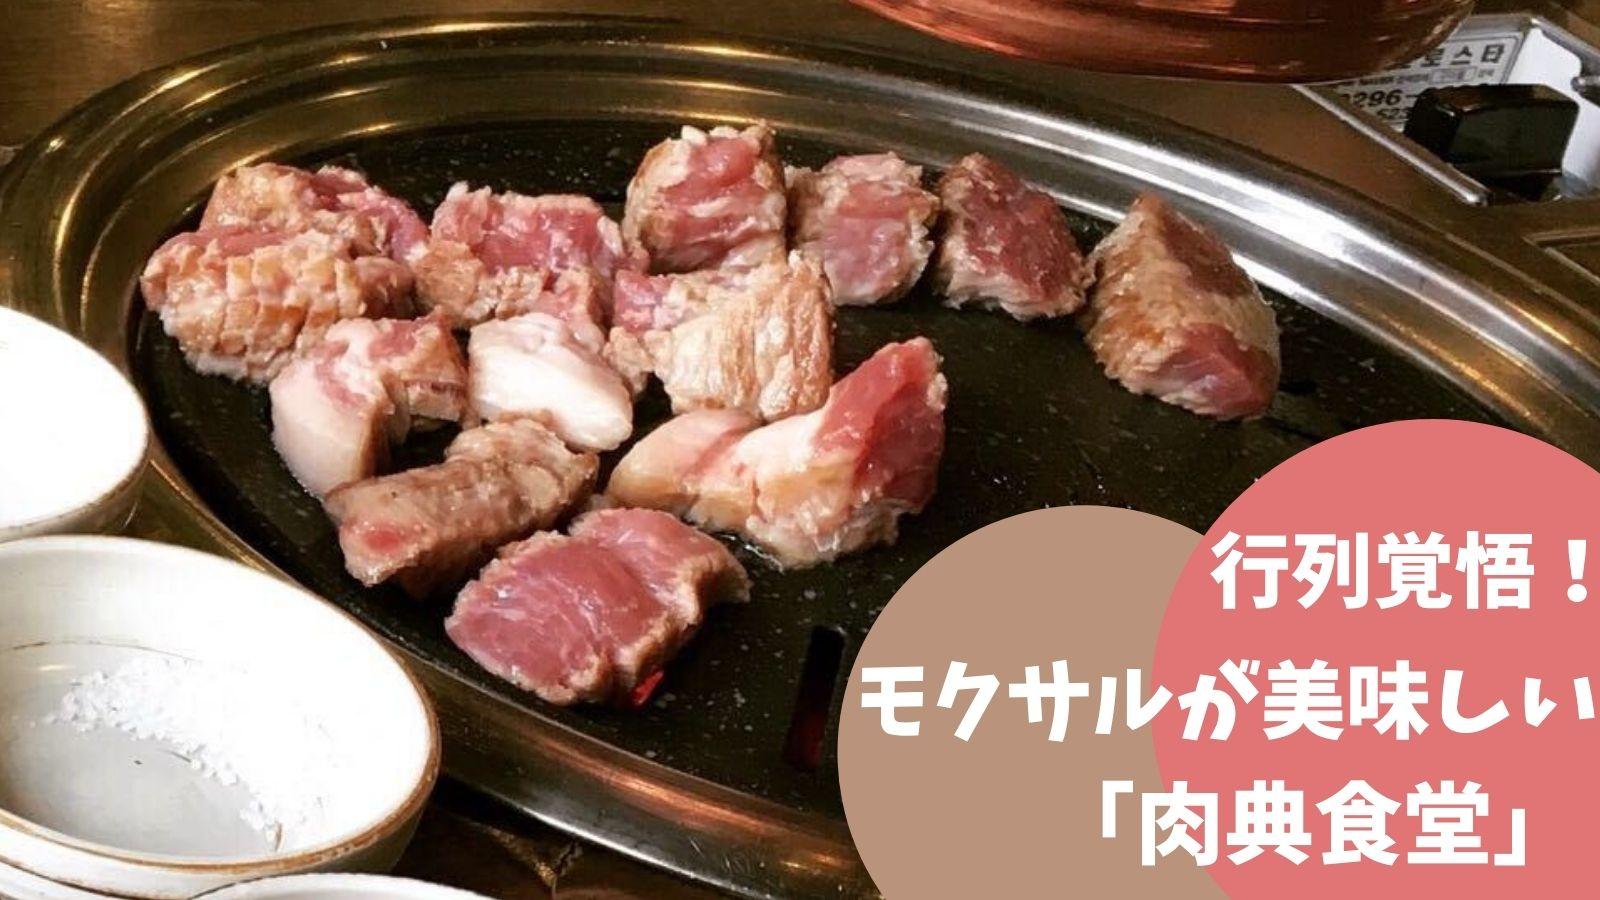 韓国の絶品モクサル「肉典食堂」のレビュー【美味しすぎて内緒にしたい】